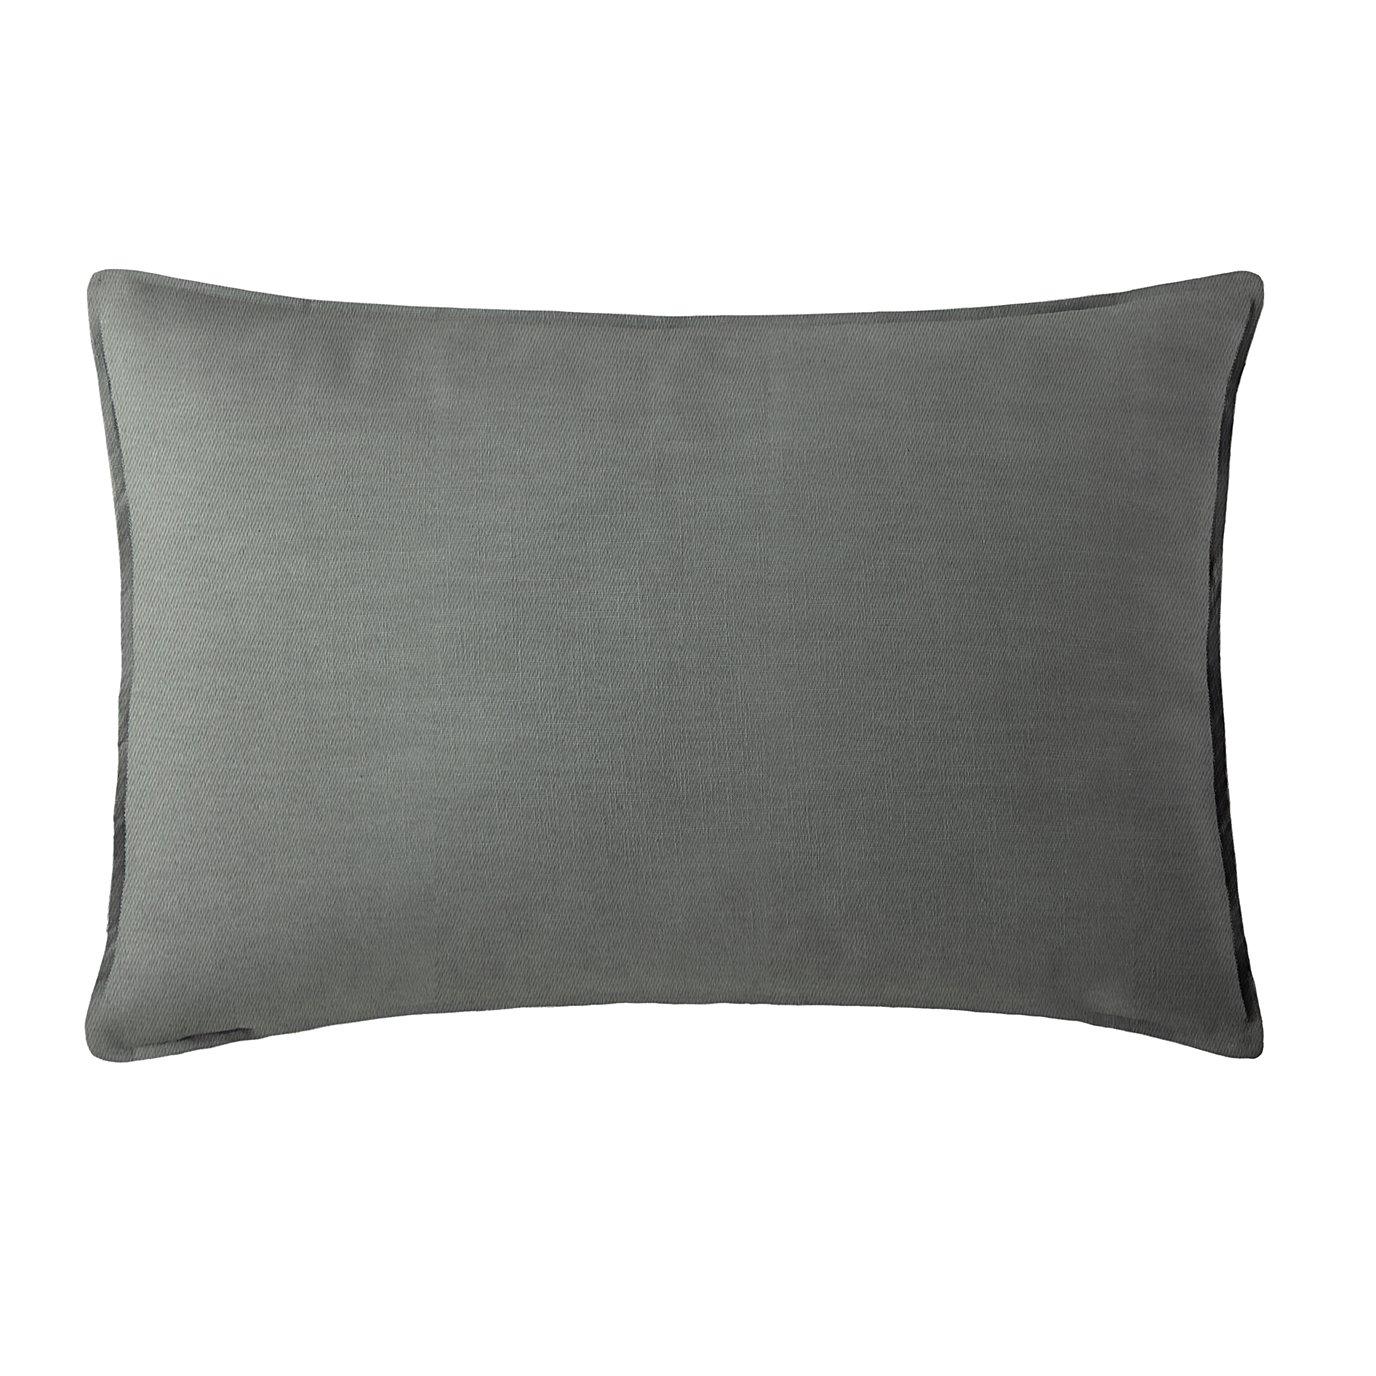 Harrow Charcoal Pillow Sham Standard/Queen